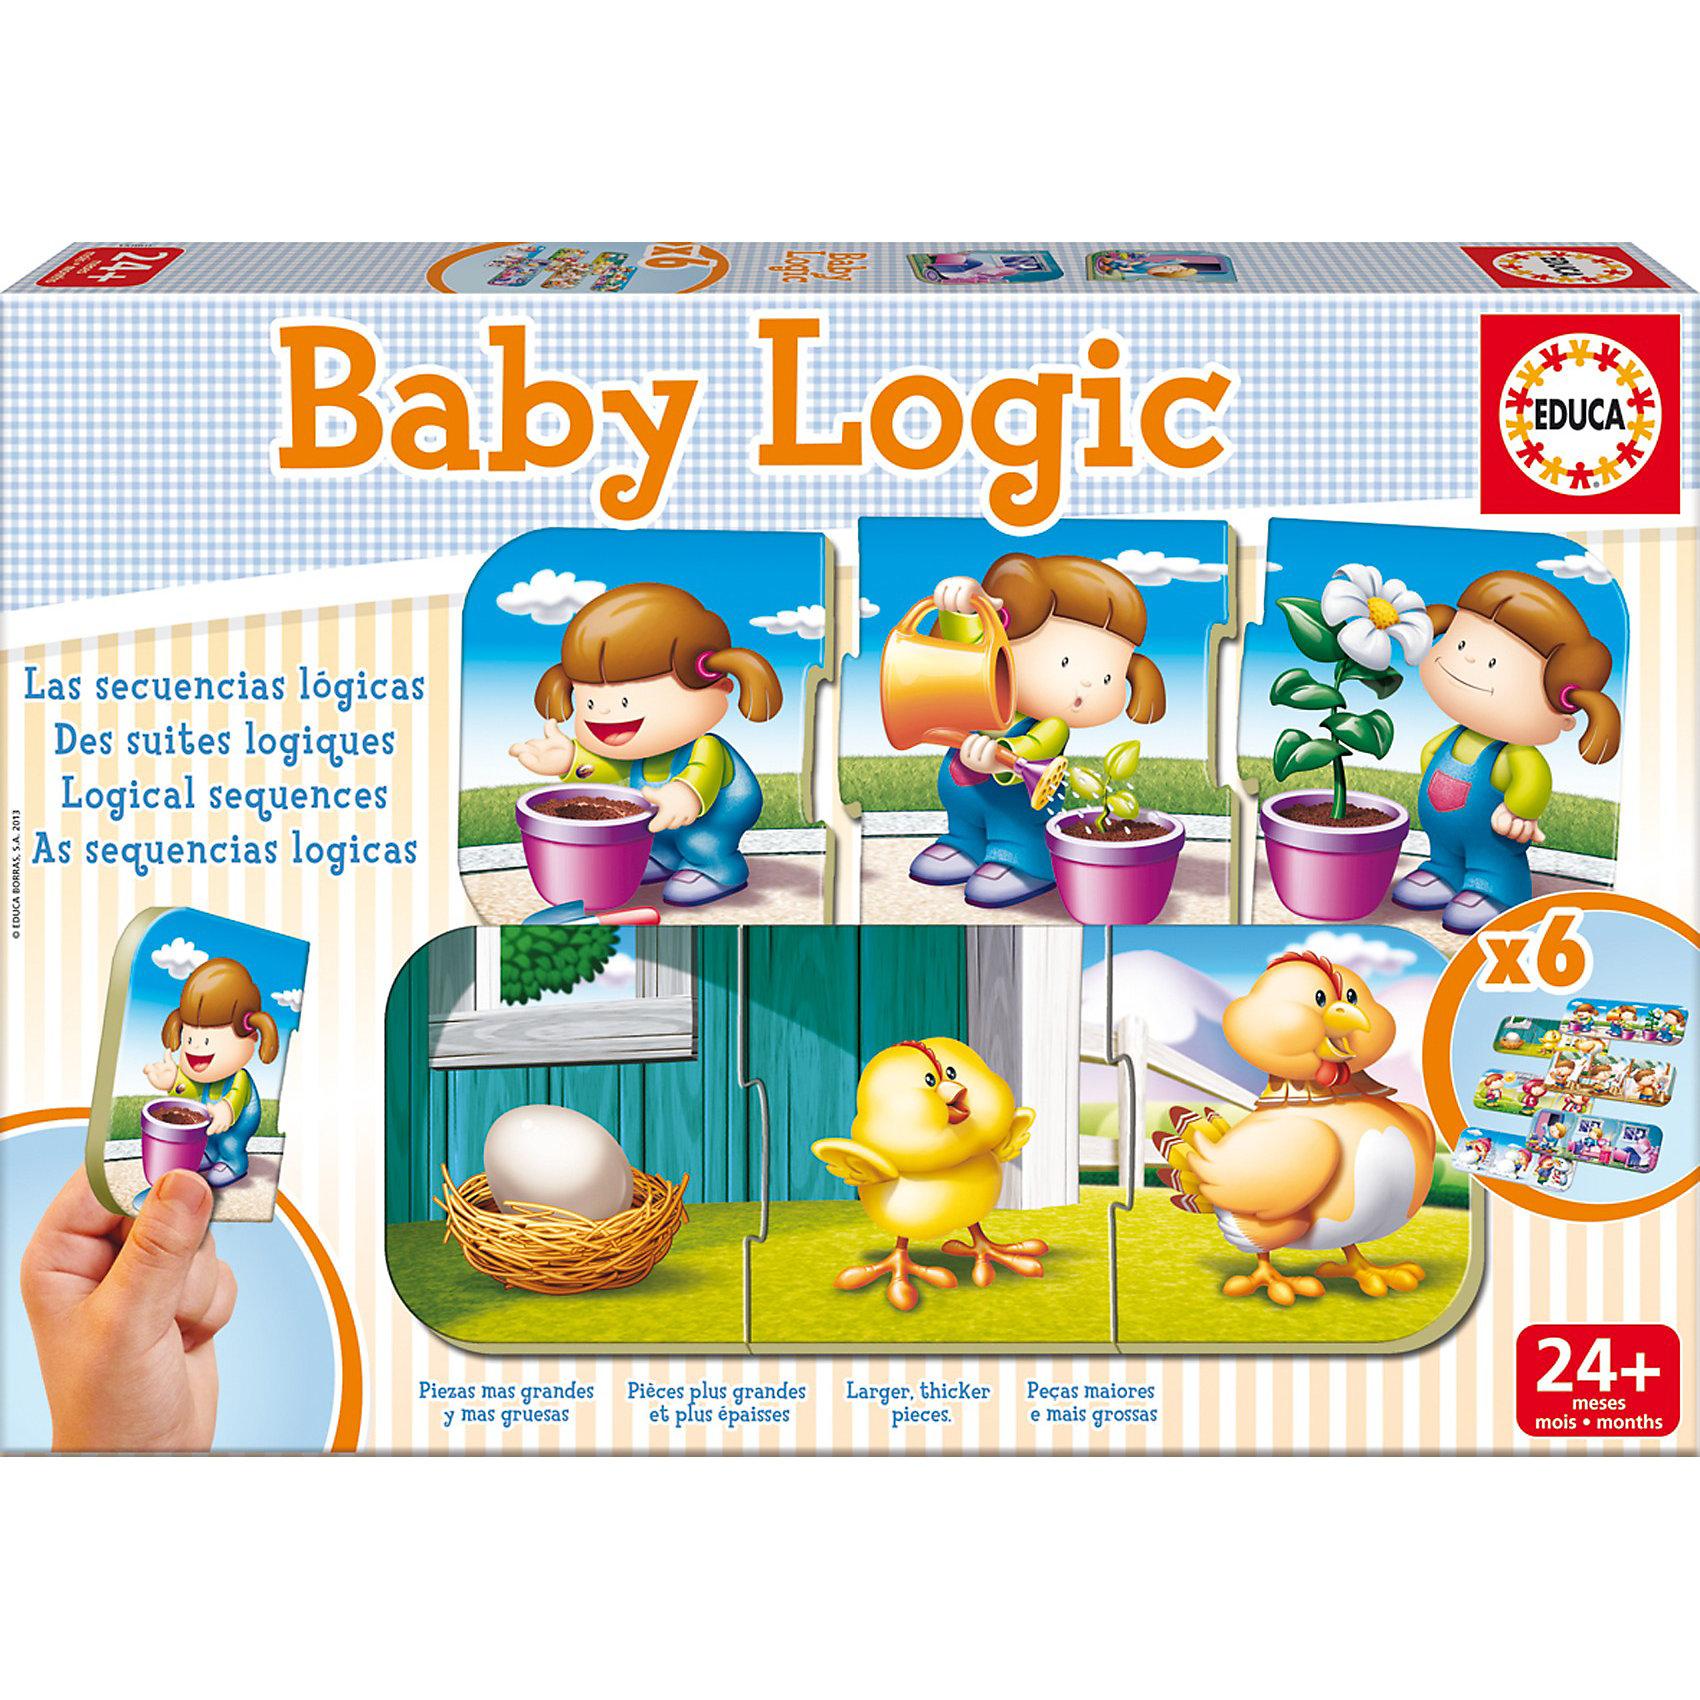 Игра-пазл Логика, EducaПазлы для малышей<br>Игра-пазл Логика, Educa<br><br>Характеристики:<br><br>• В набор входит: 6 пазлов по 3 детали<br>• Количество деталей: 12 шт.<br>• Размер упаковки: 31 * 4,5 * 21 см.<br>• Состав: картон<br>• Вес: 700 г.<br>• Для детей в возрасте: от 2 до 4 лет<br>• Страна производитель: Испания<br><br>Крупные детали пазла отлично собираются, ребёнок сможет обучаться основам логики, подбирая детали по ситуациям. Шесть логически последовательных историй, таких как вылупление птенца, рост растения, появление радуги и не только, представлены в этом наборе. Собирая пазл можно расширить кругозор и воображение малыша.<br><br>Игру-пазл Логика, Educa можно купить в нашем интернет-магазине.<br><br>Ширина мм: 317<br>Глубина мм: 223<br>Высота мм: 48<br>Вес г: 645<br>Возраст от месяцев: 24<br>Возраст до месяцев: 48<br>Пол: Унисекс<br>Возраст: Детский<br>Количество деталей: 3<br>SKU: 3546200